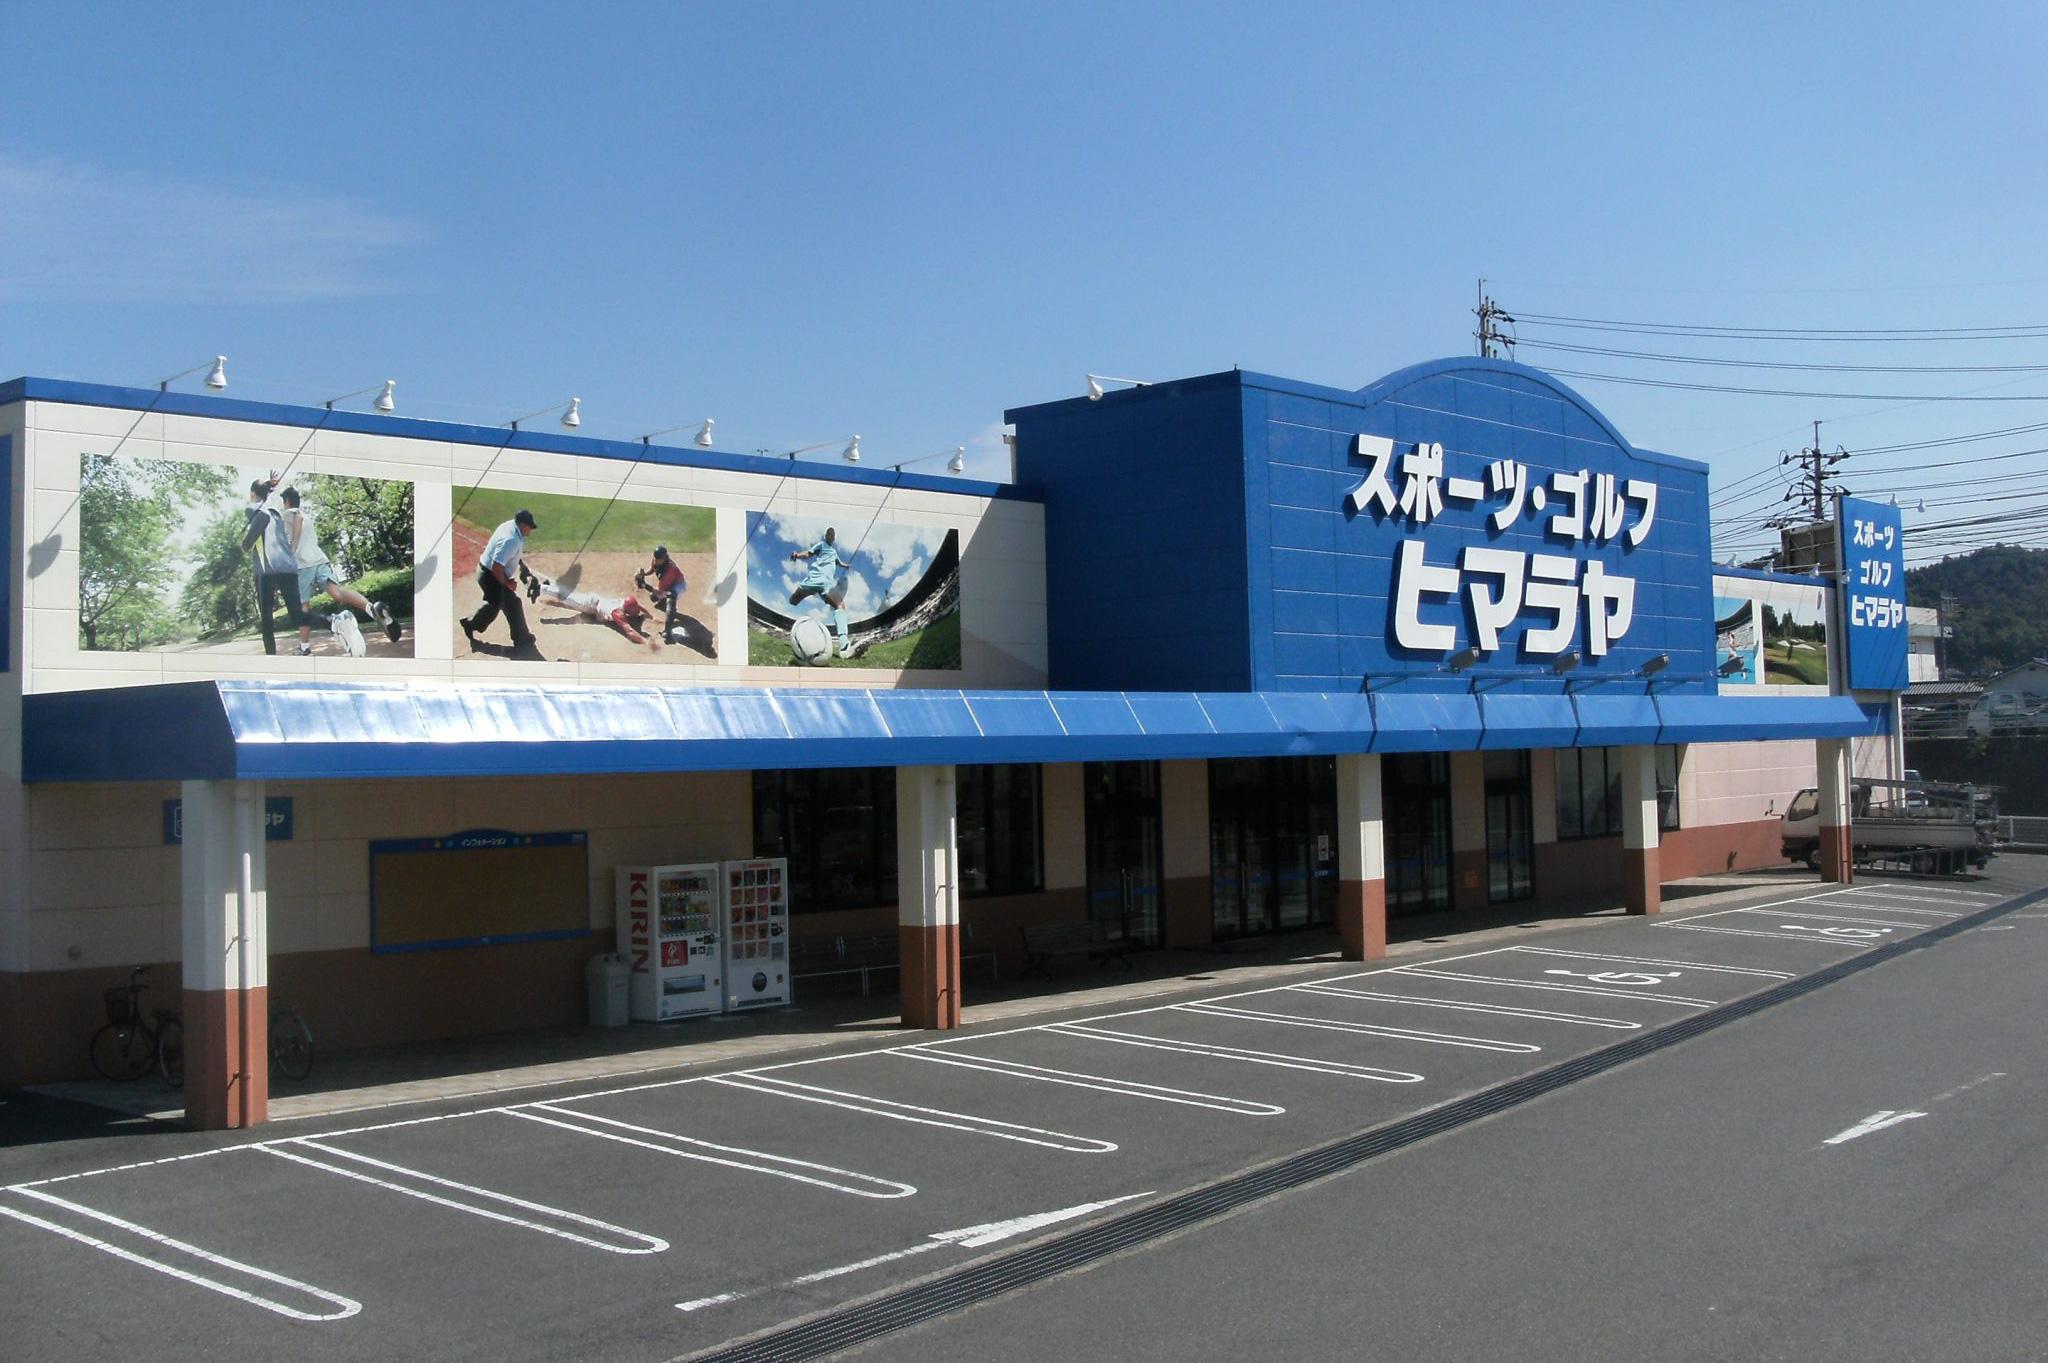 総合建設 商業施設 店舗開発 テナント工事